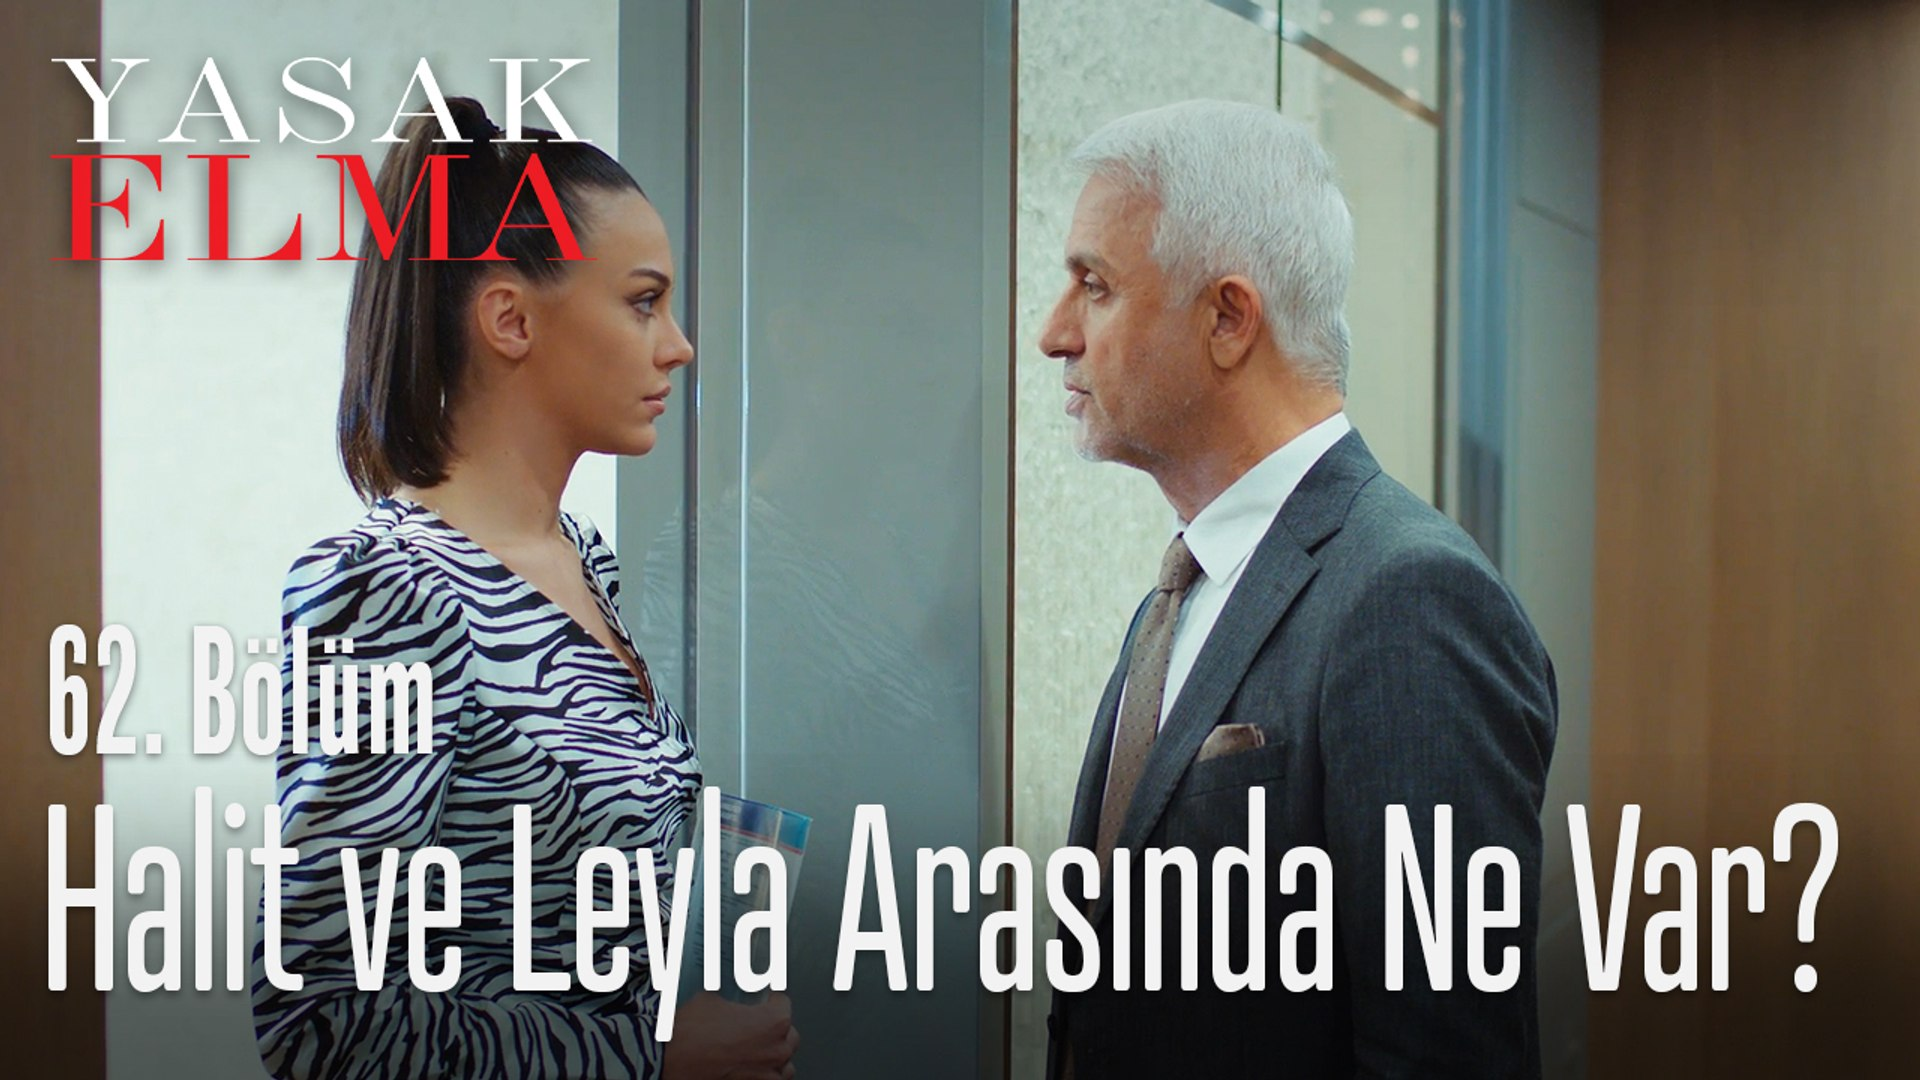 Halit ve Leyla'ya kurulan komplo! - Yasak Elma 62. Bölüm